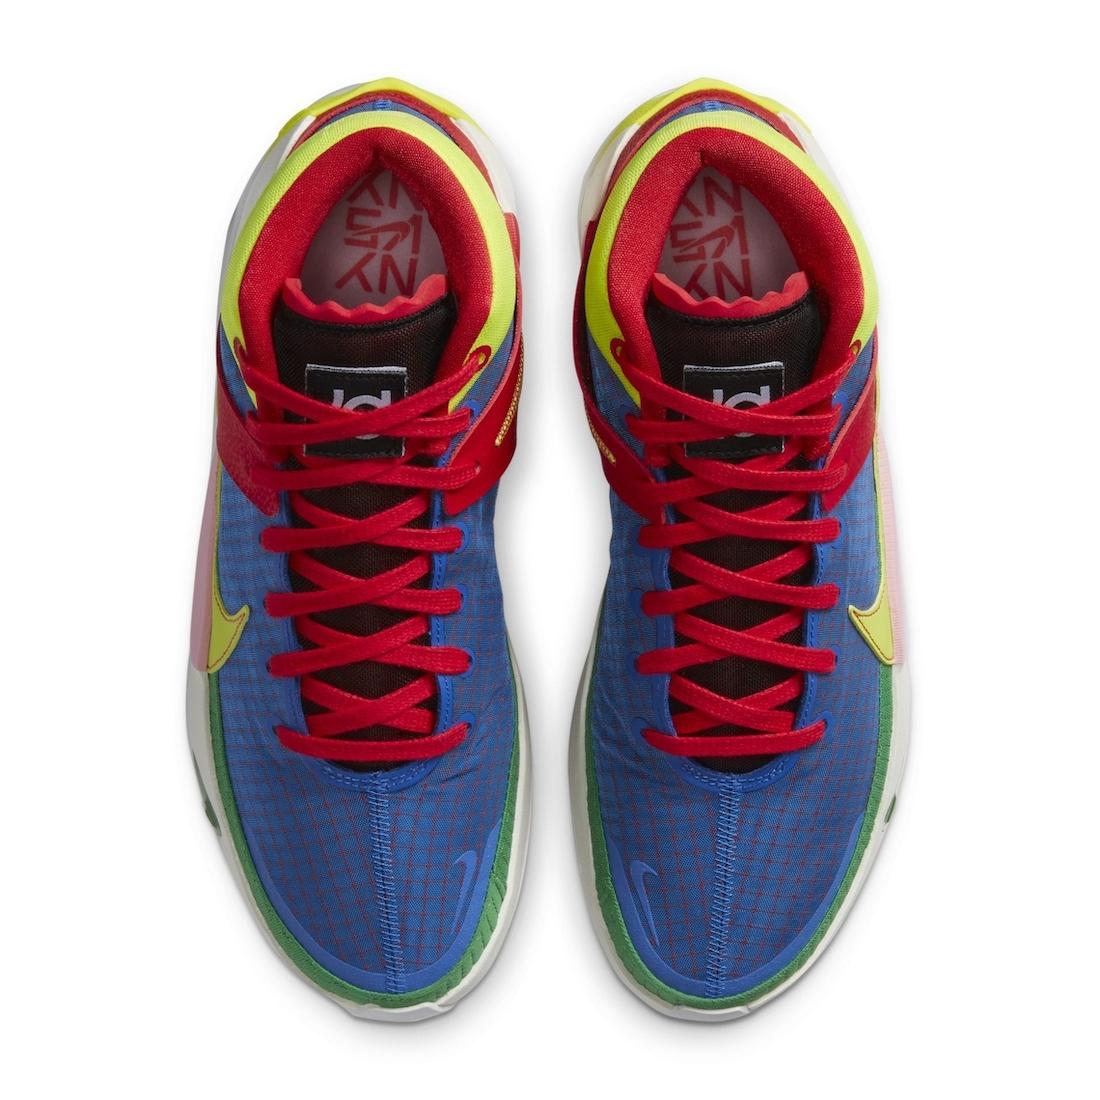 NY vs NY, NY, Nike KD 13